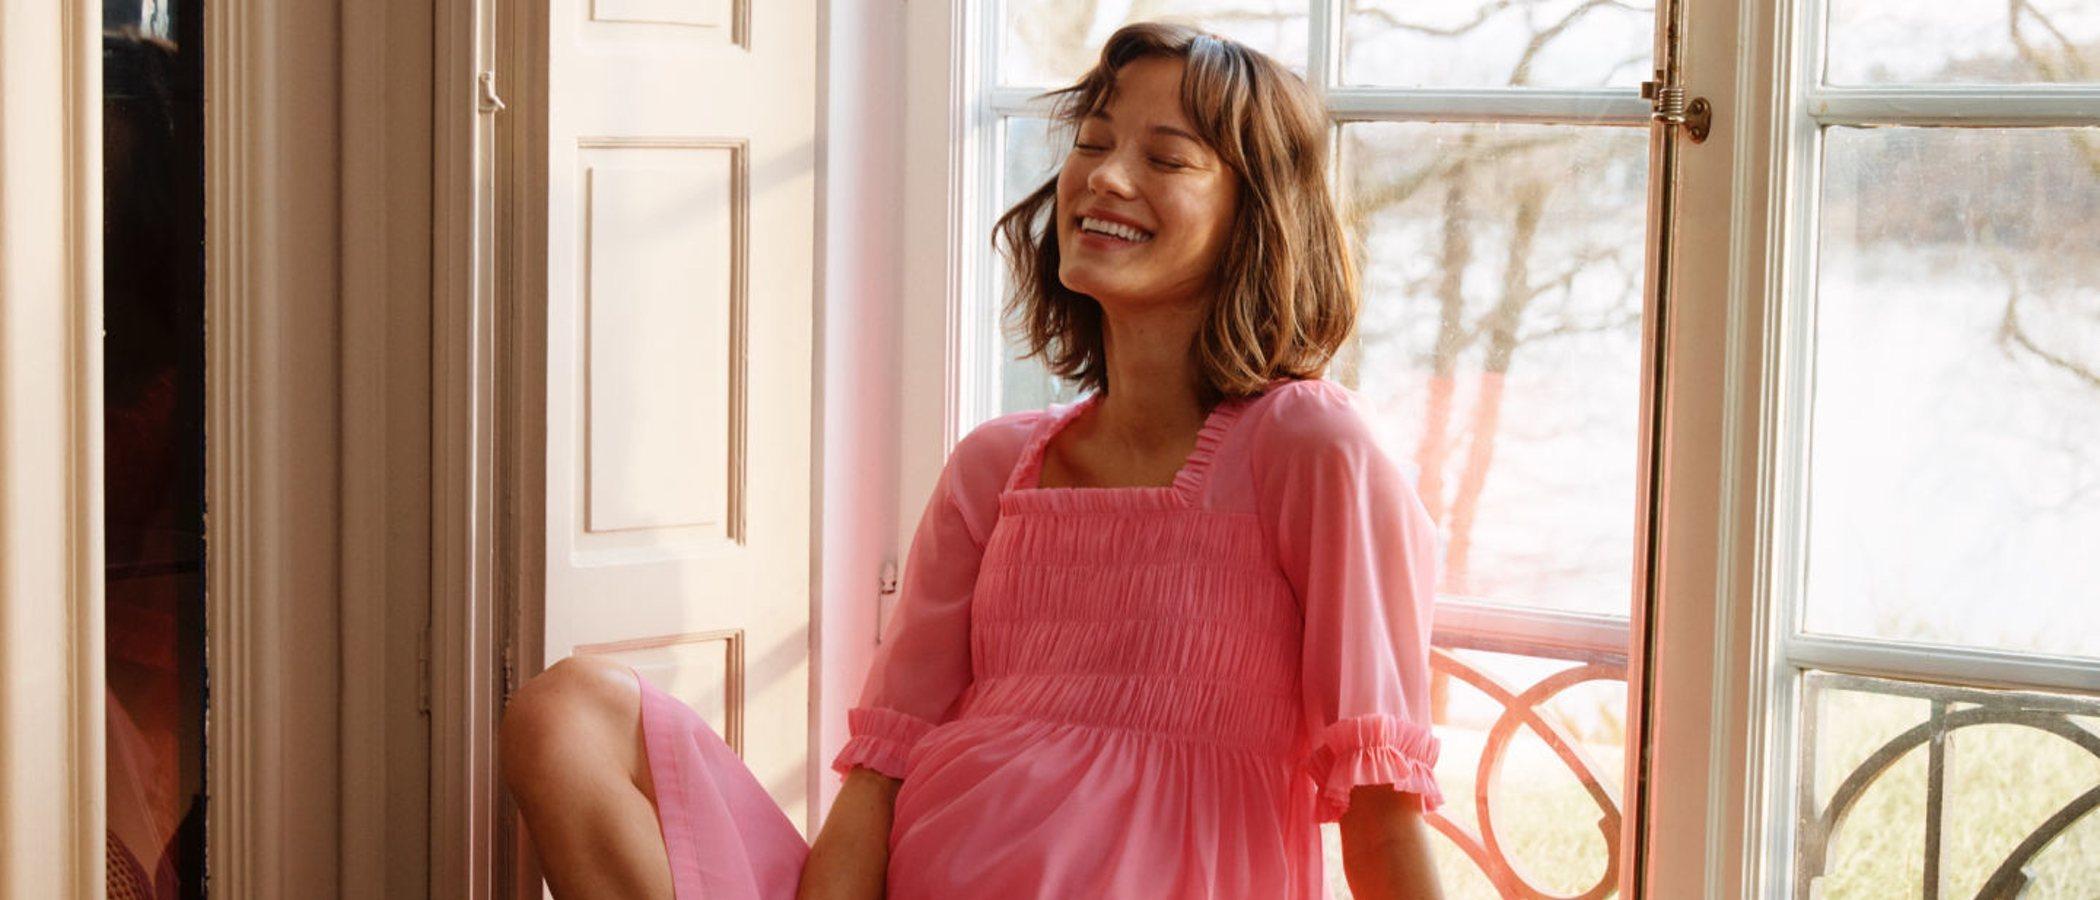 La nueva colección premamá de H&M no se deja fuera ninguna tendencia para esta primavera/verano 2020